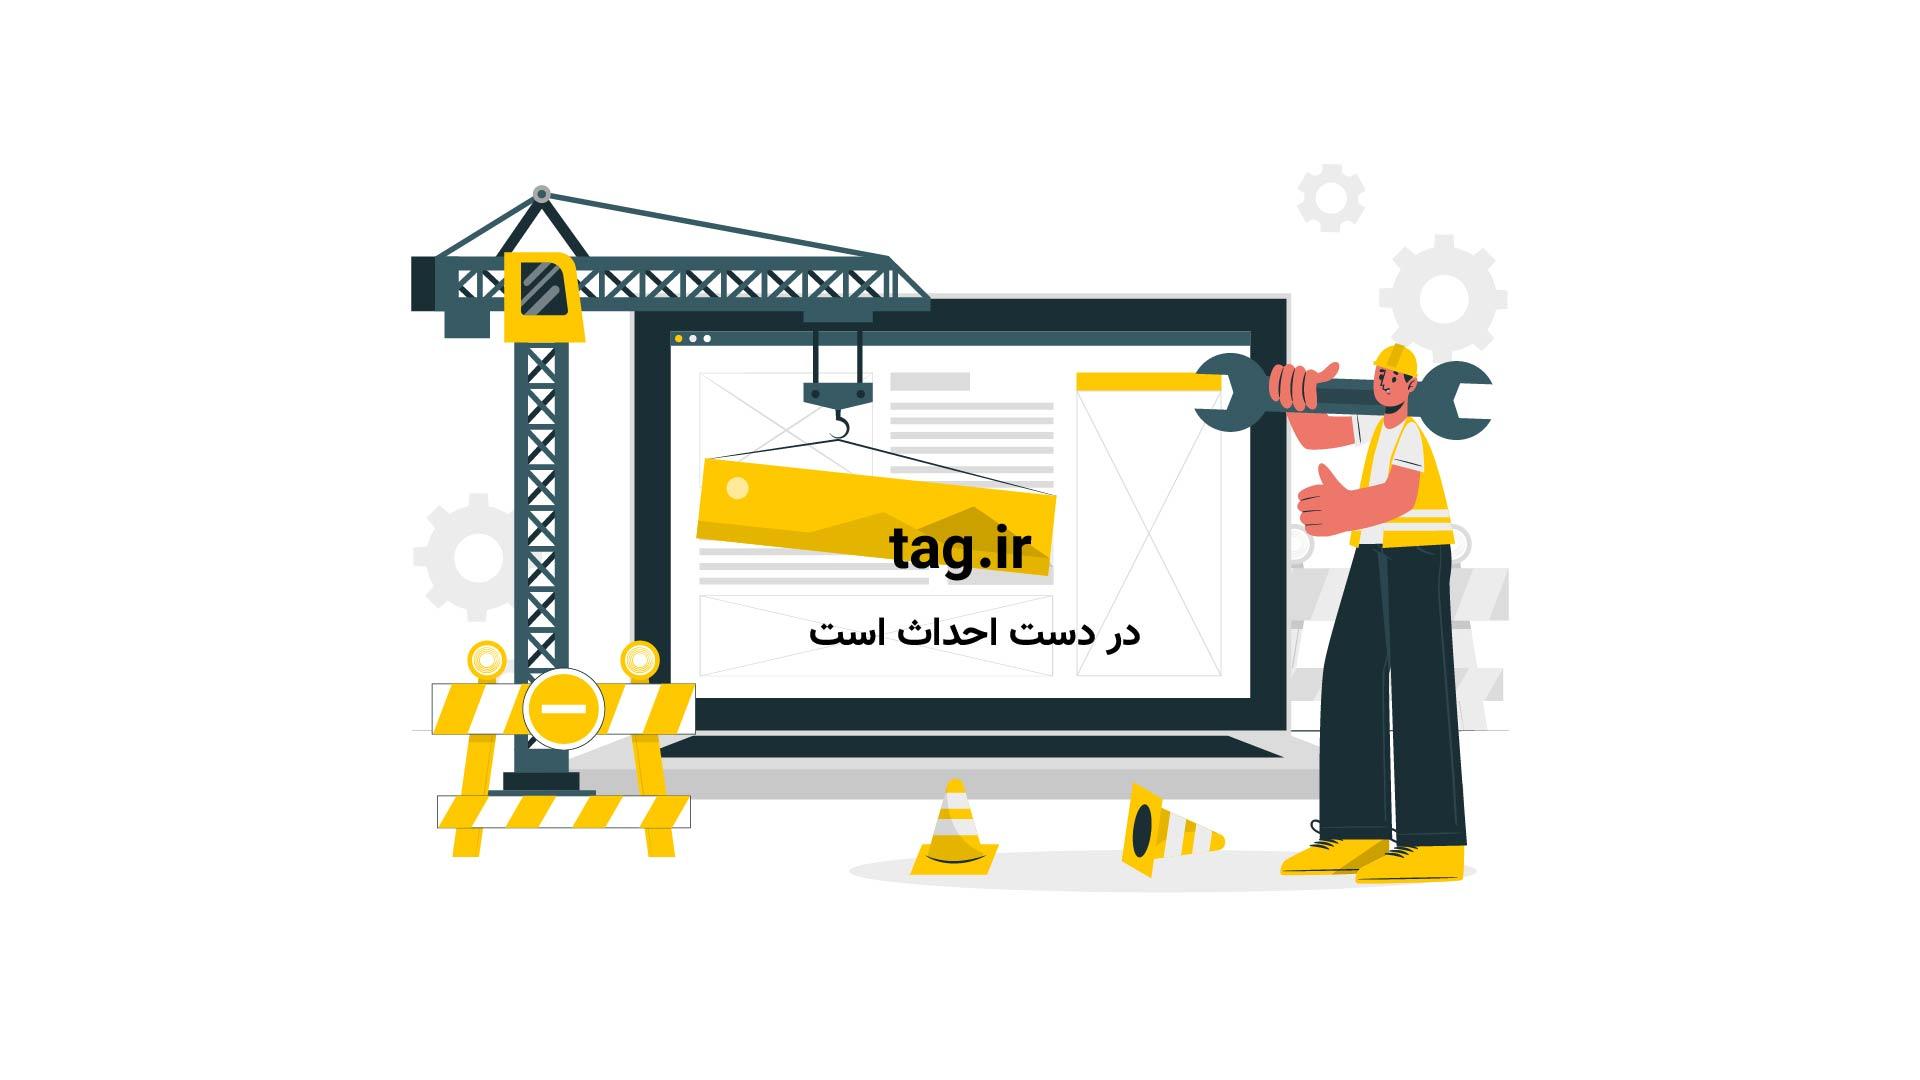 صفحه اول روزنامههای عمومی چهارشنبه 2 خرداد | فیلم